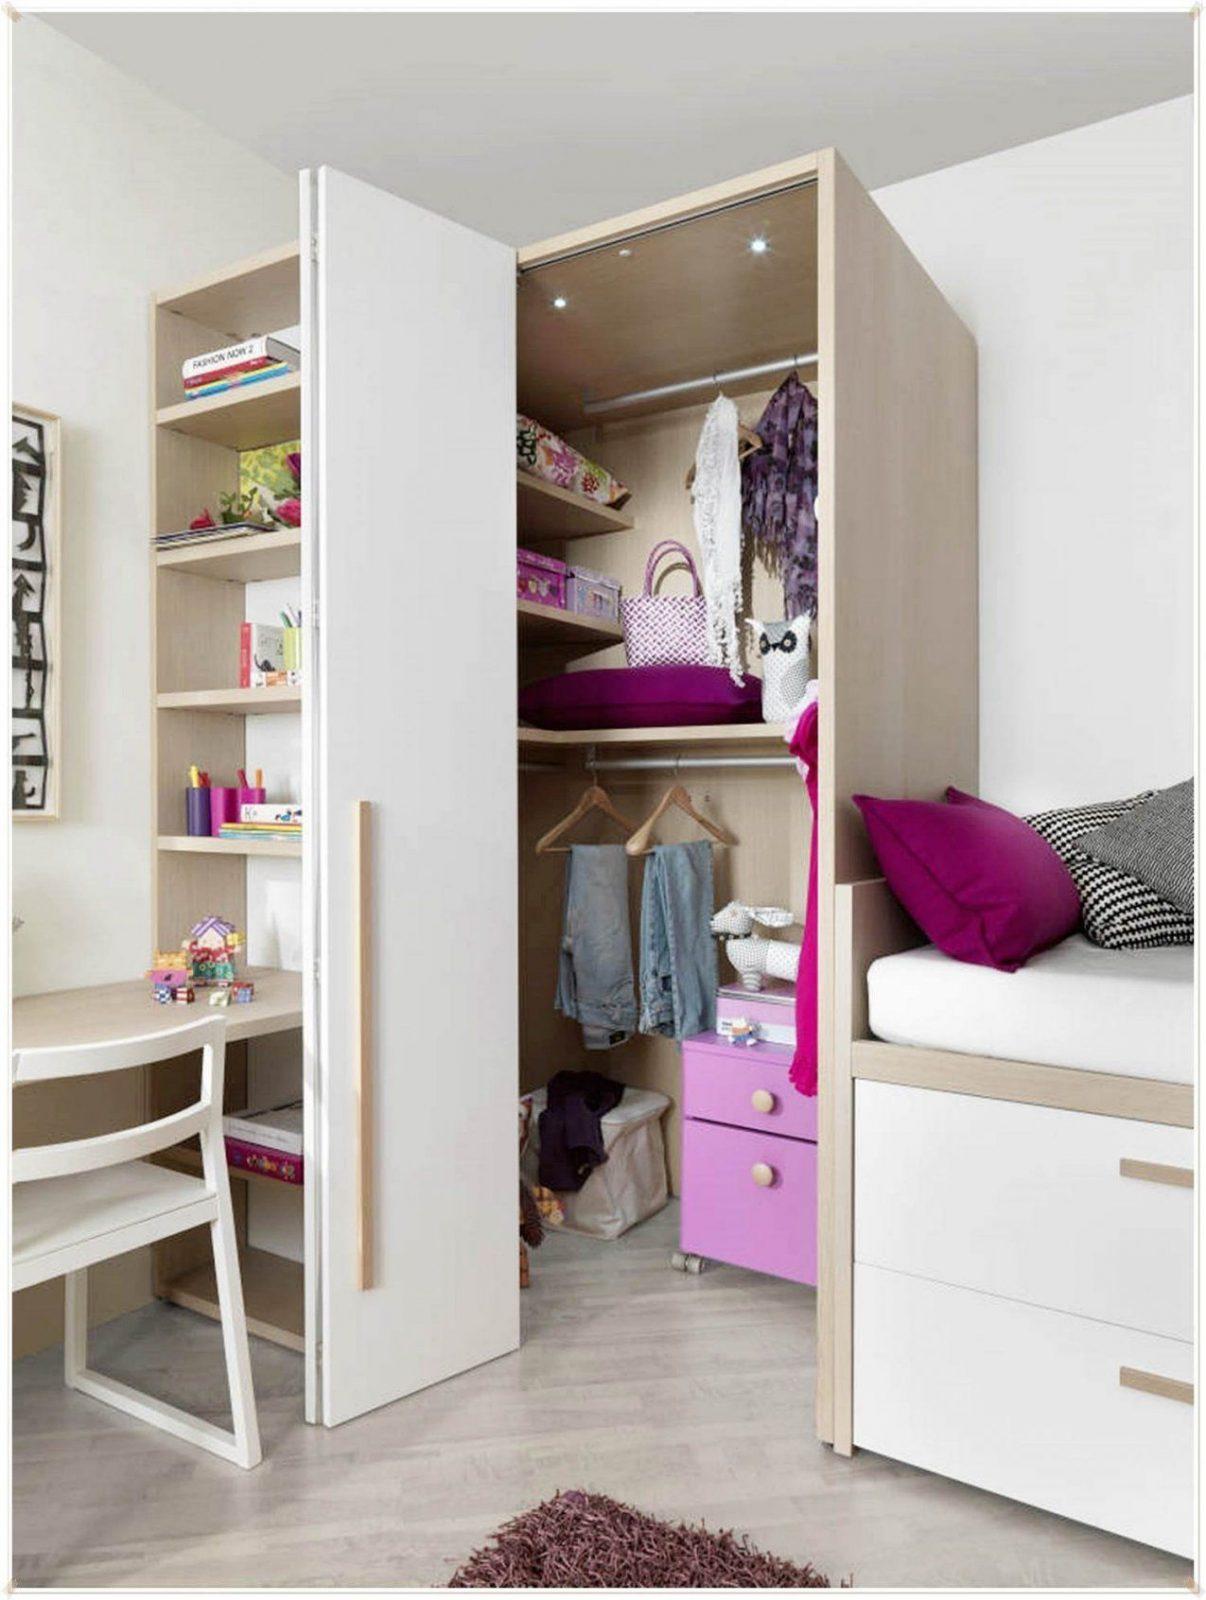 begehbarer kleiderschrank dachschr ge ikea haus design ideen. Black Bedroom Furniture Sets. Home Design Ideas